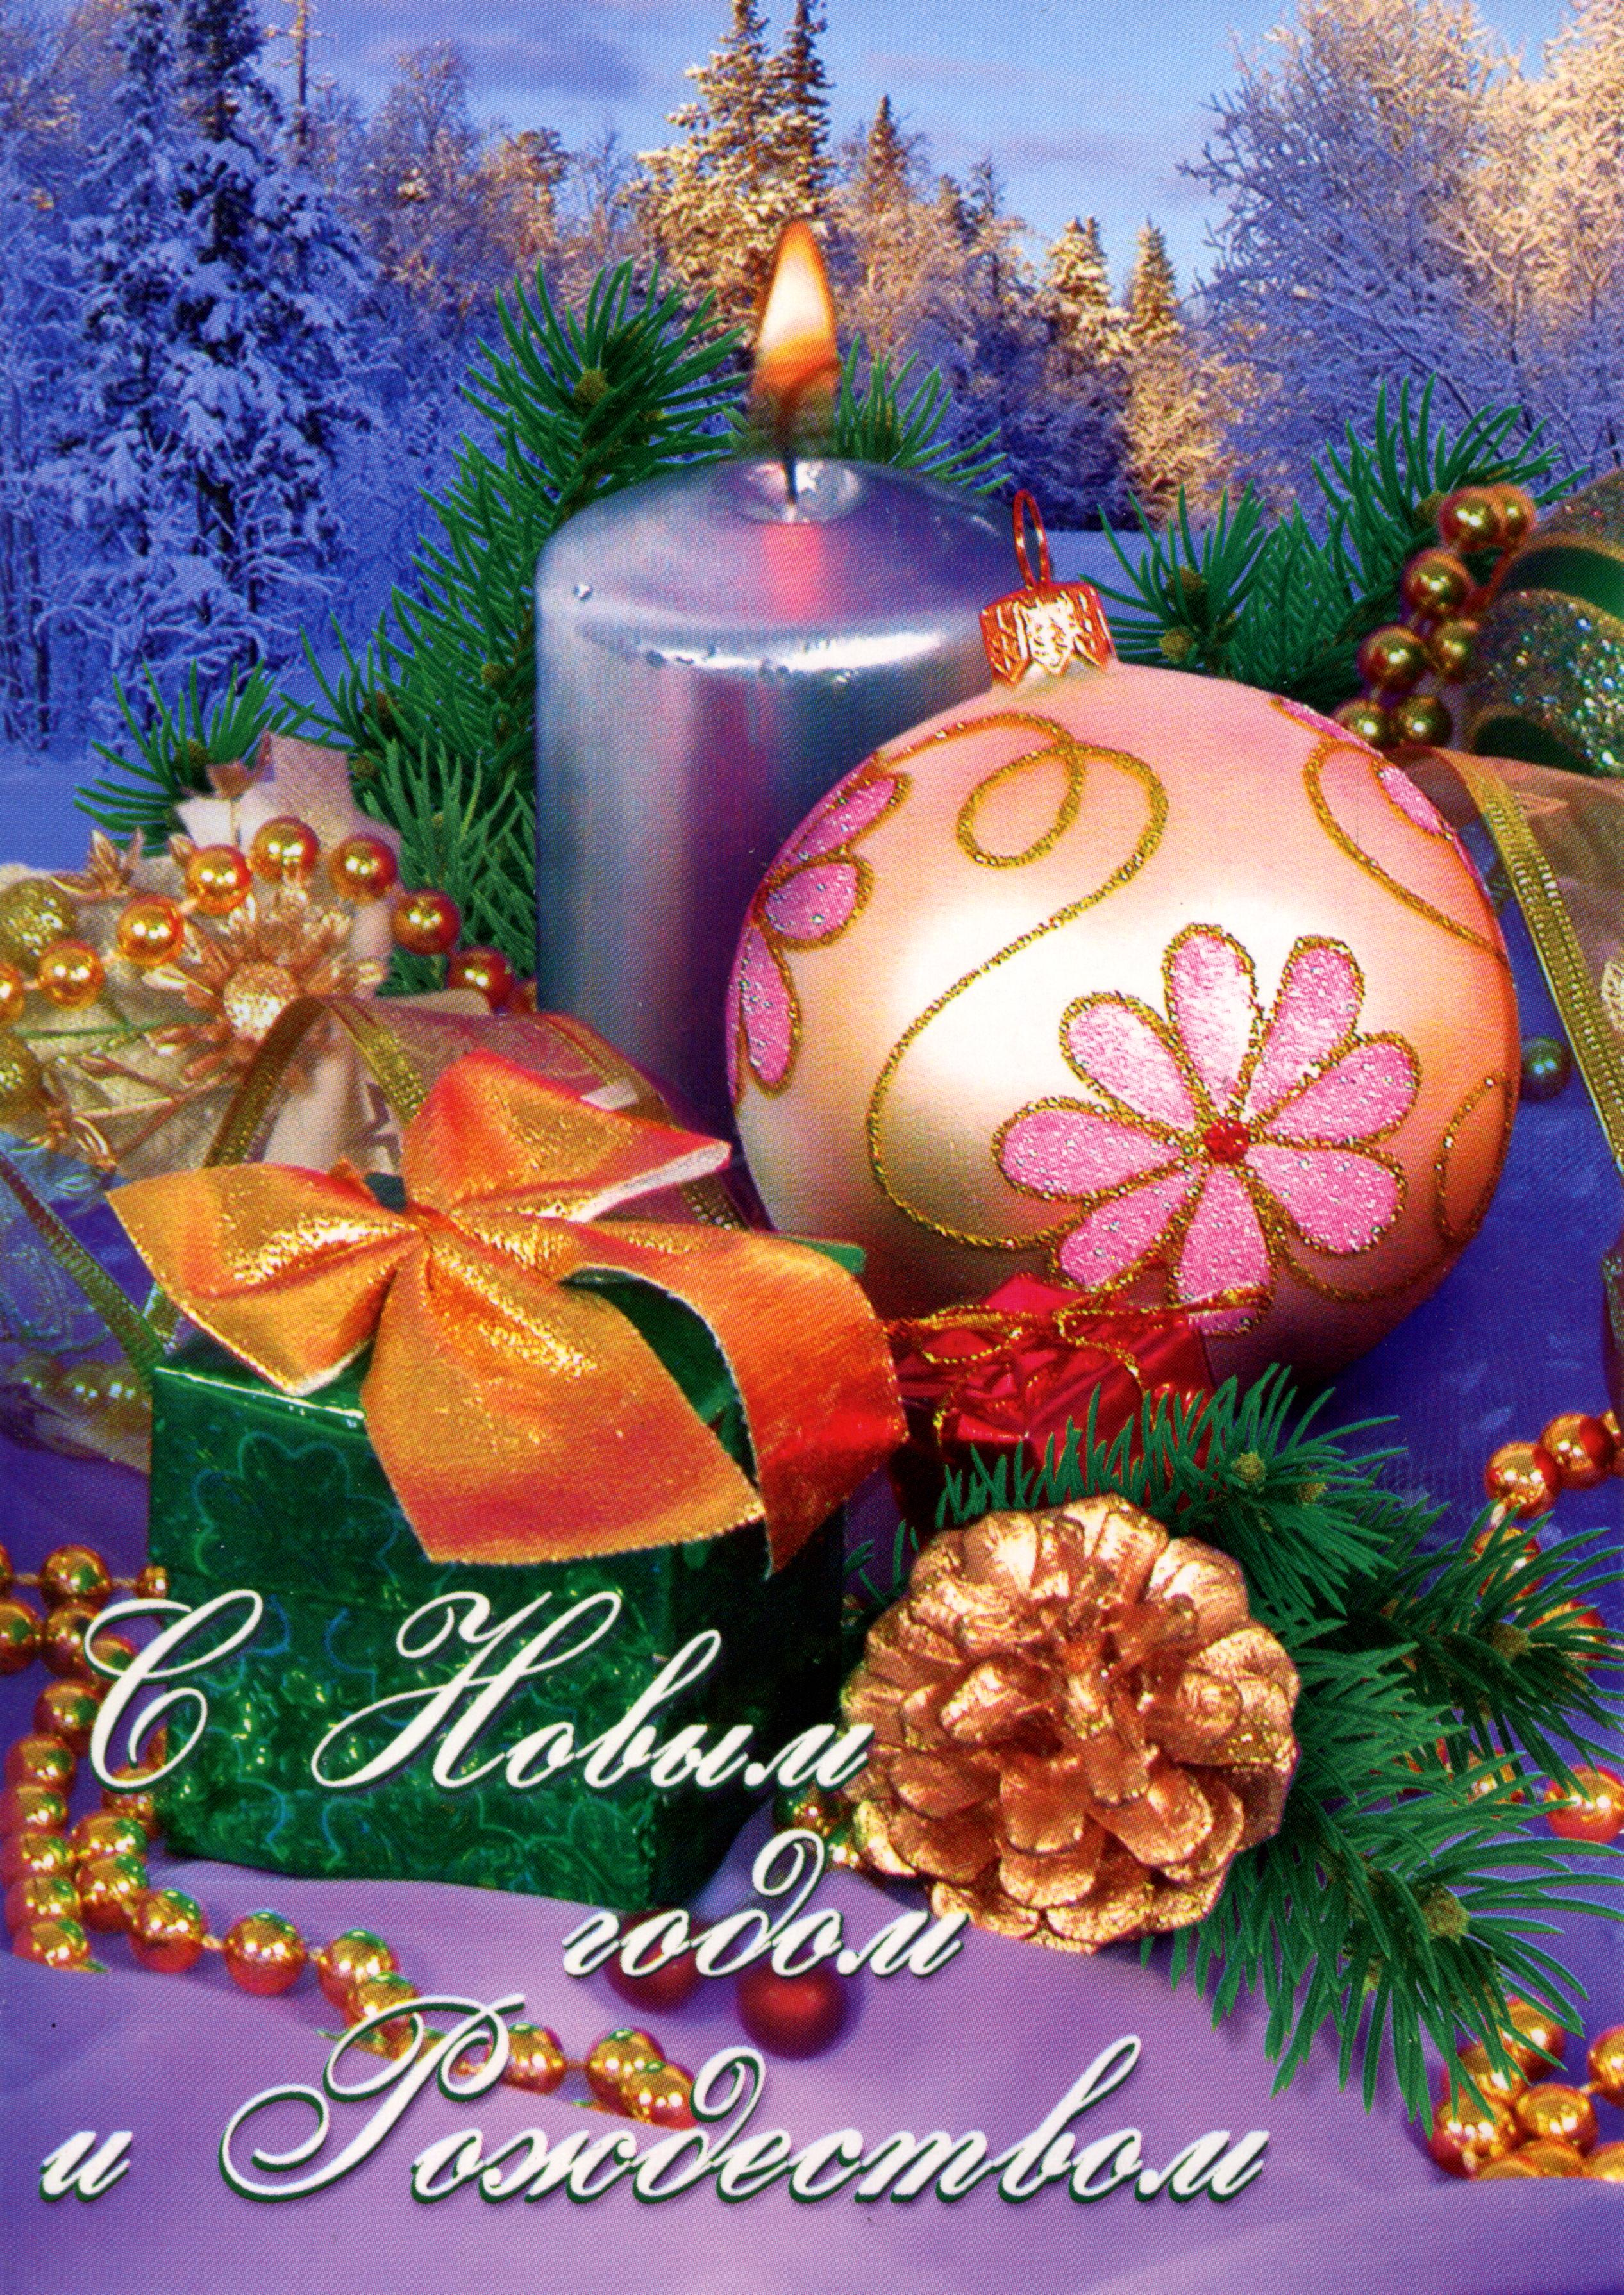 Красивые картинки с новым годом и рождеством христовым